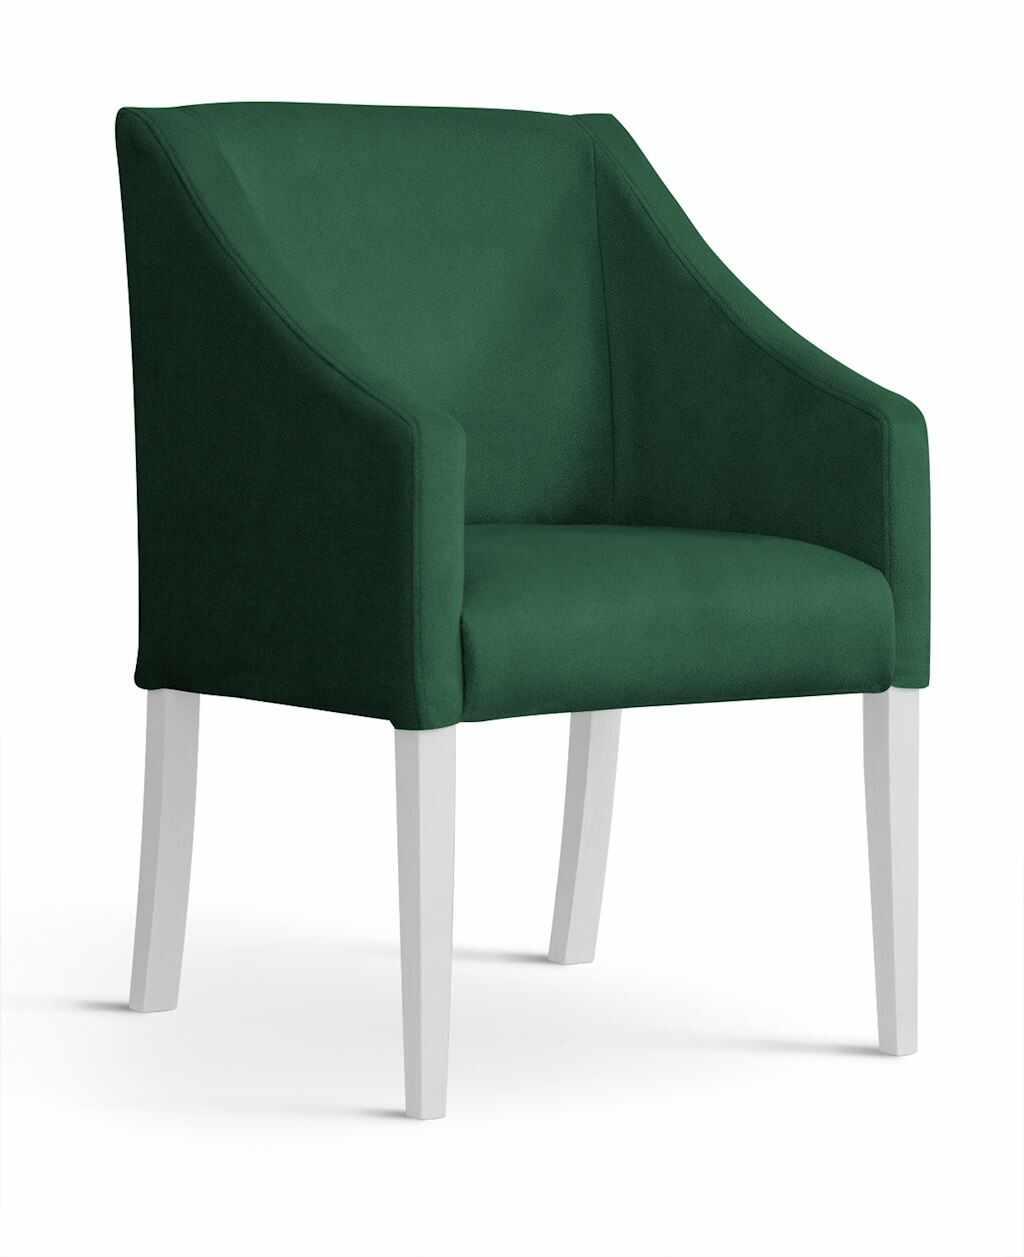 Fotoliu fix tapitat cu stofa, cu picioare din lemn Capri Green / White, l58xA60xH89 cm la pret 714 lei